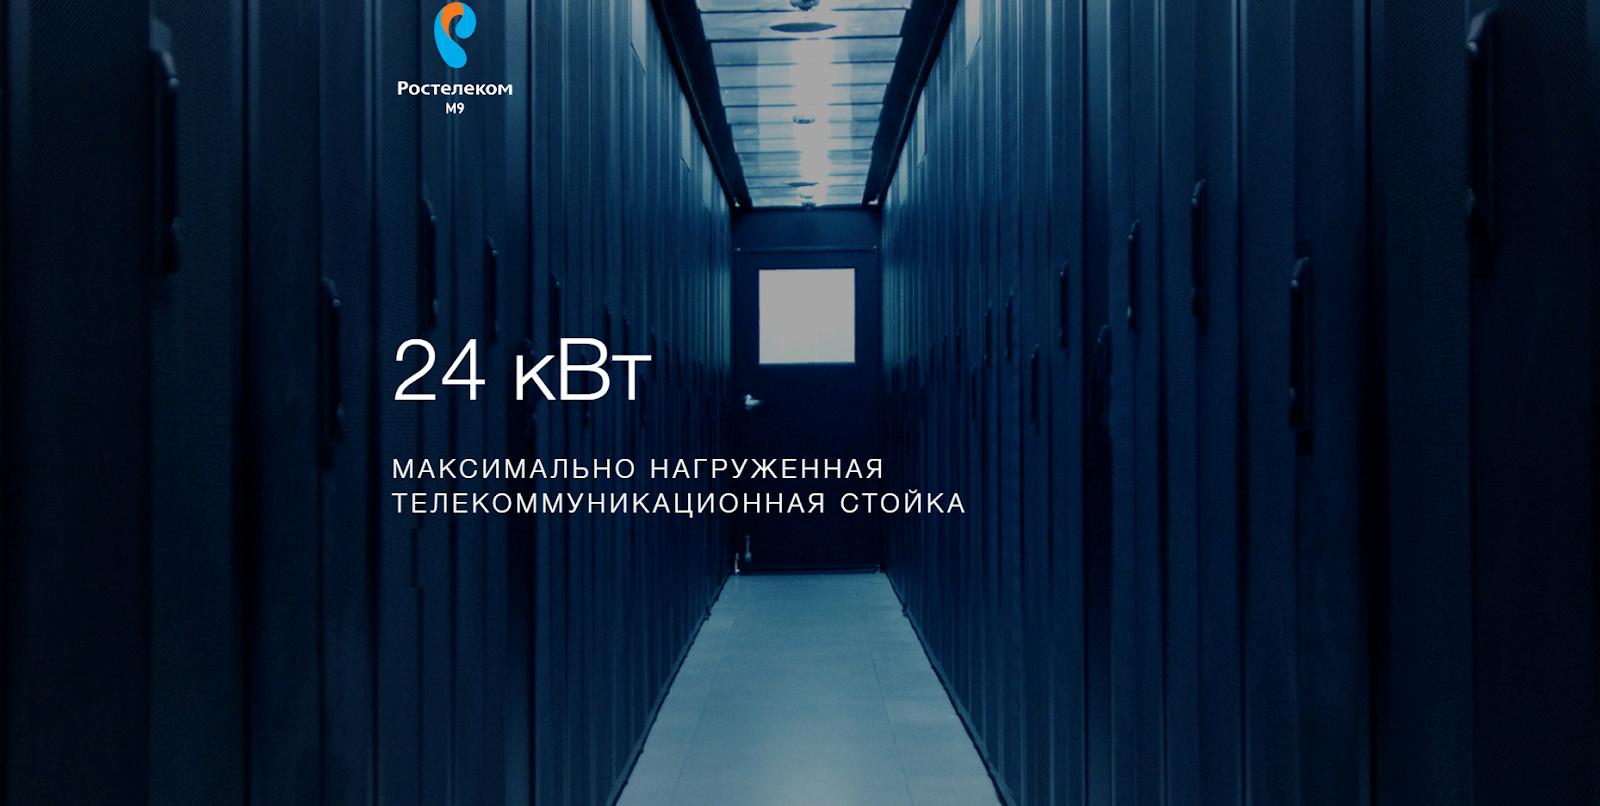 Место, где начинался российский интернет - 7